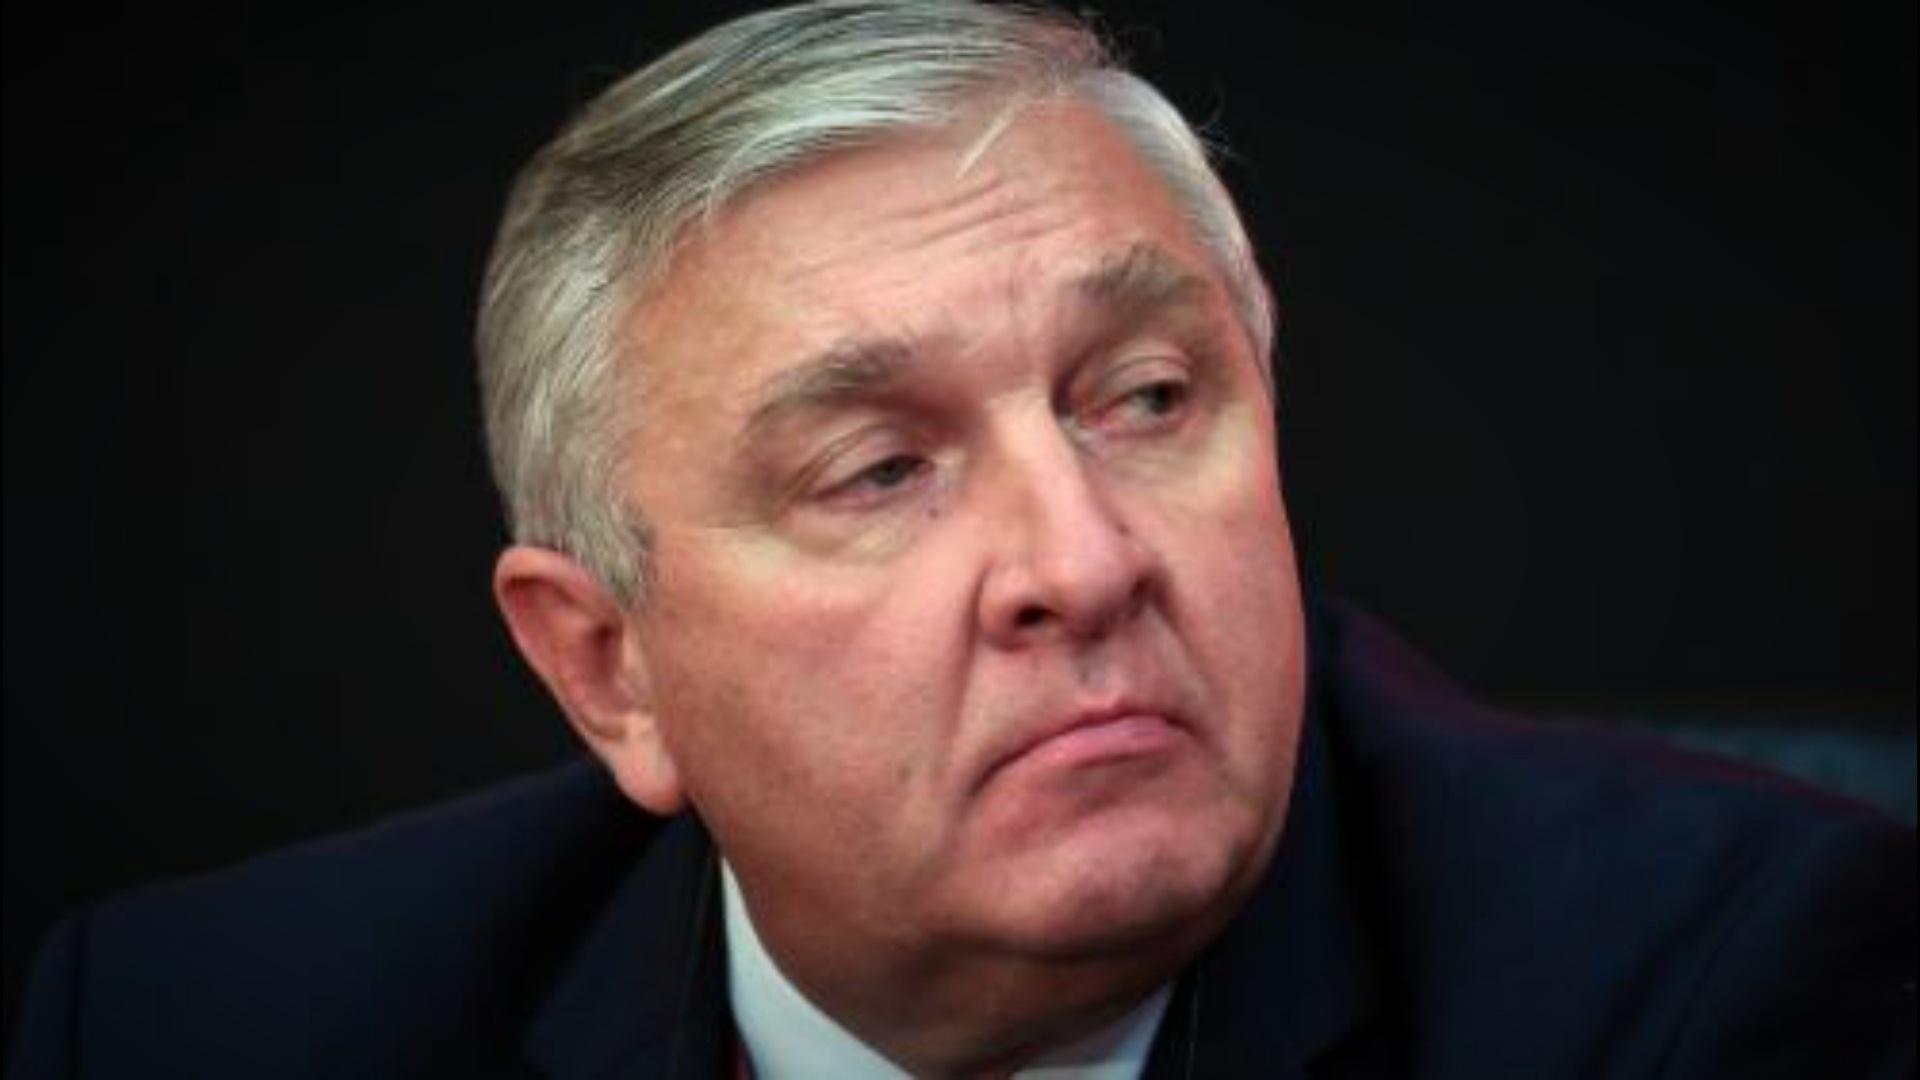 Decizia Curții de Apel București: Medicul Mircea Beuran rămâne în arest la domiciliu